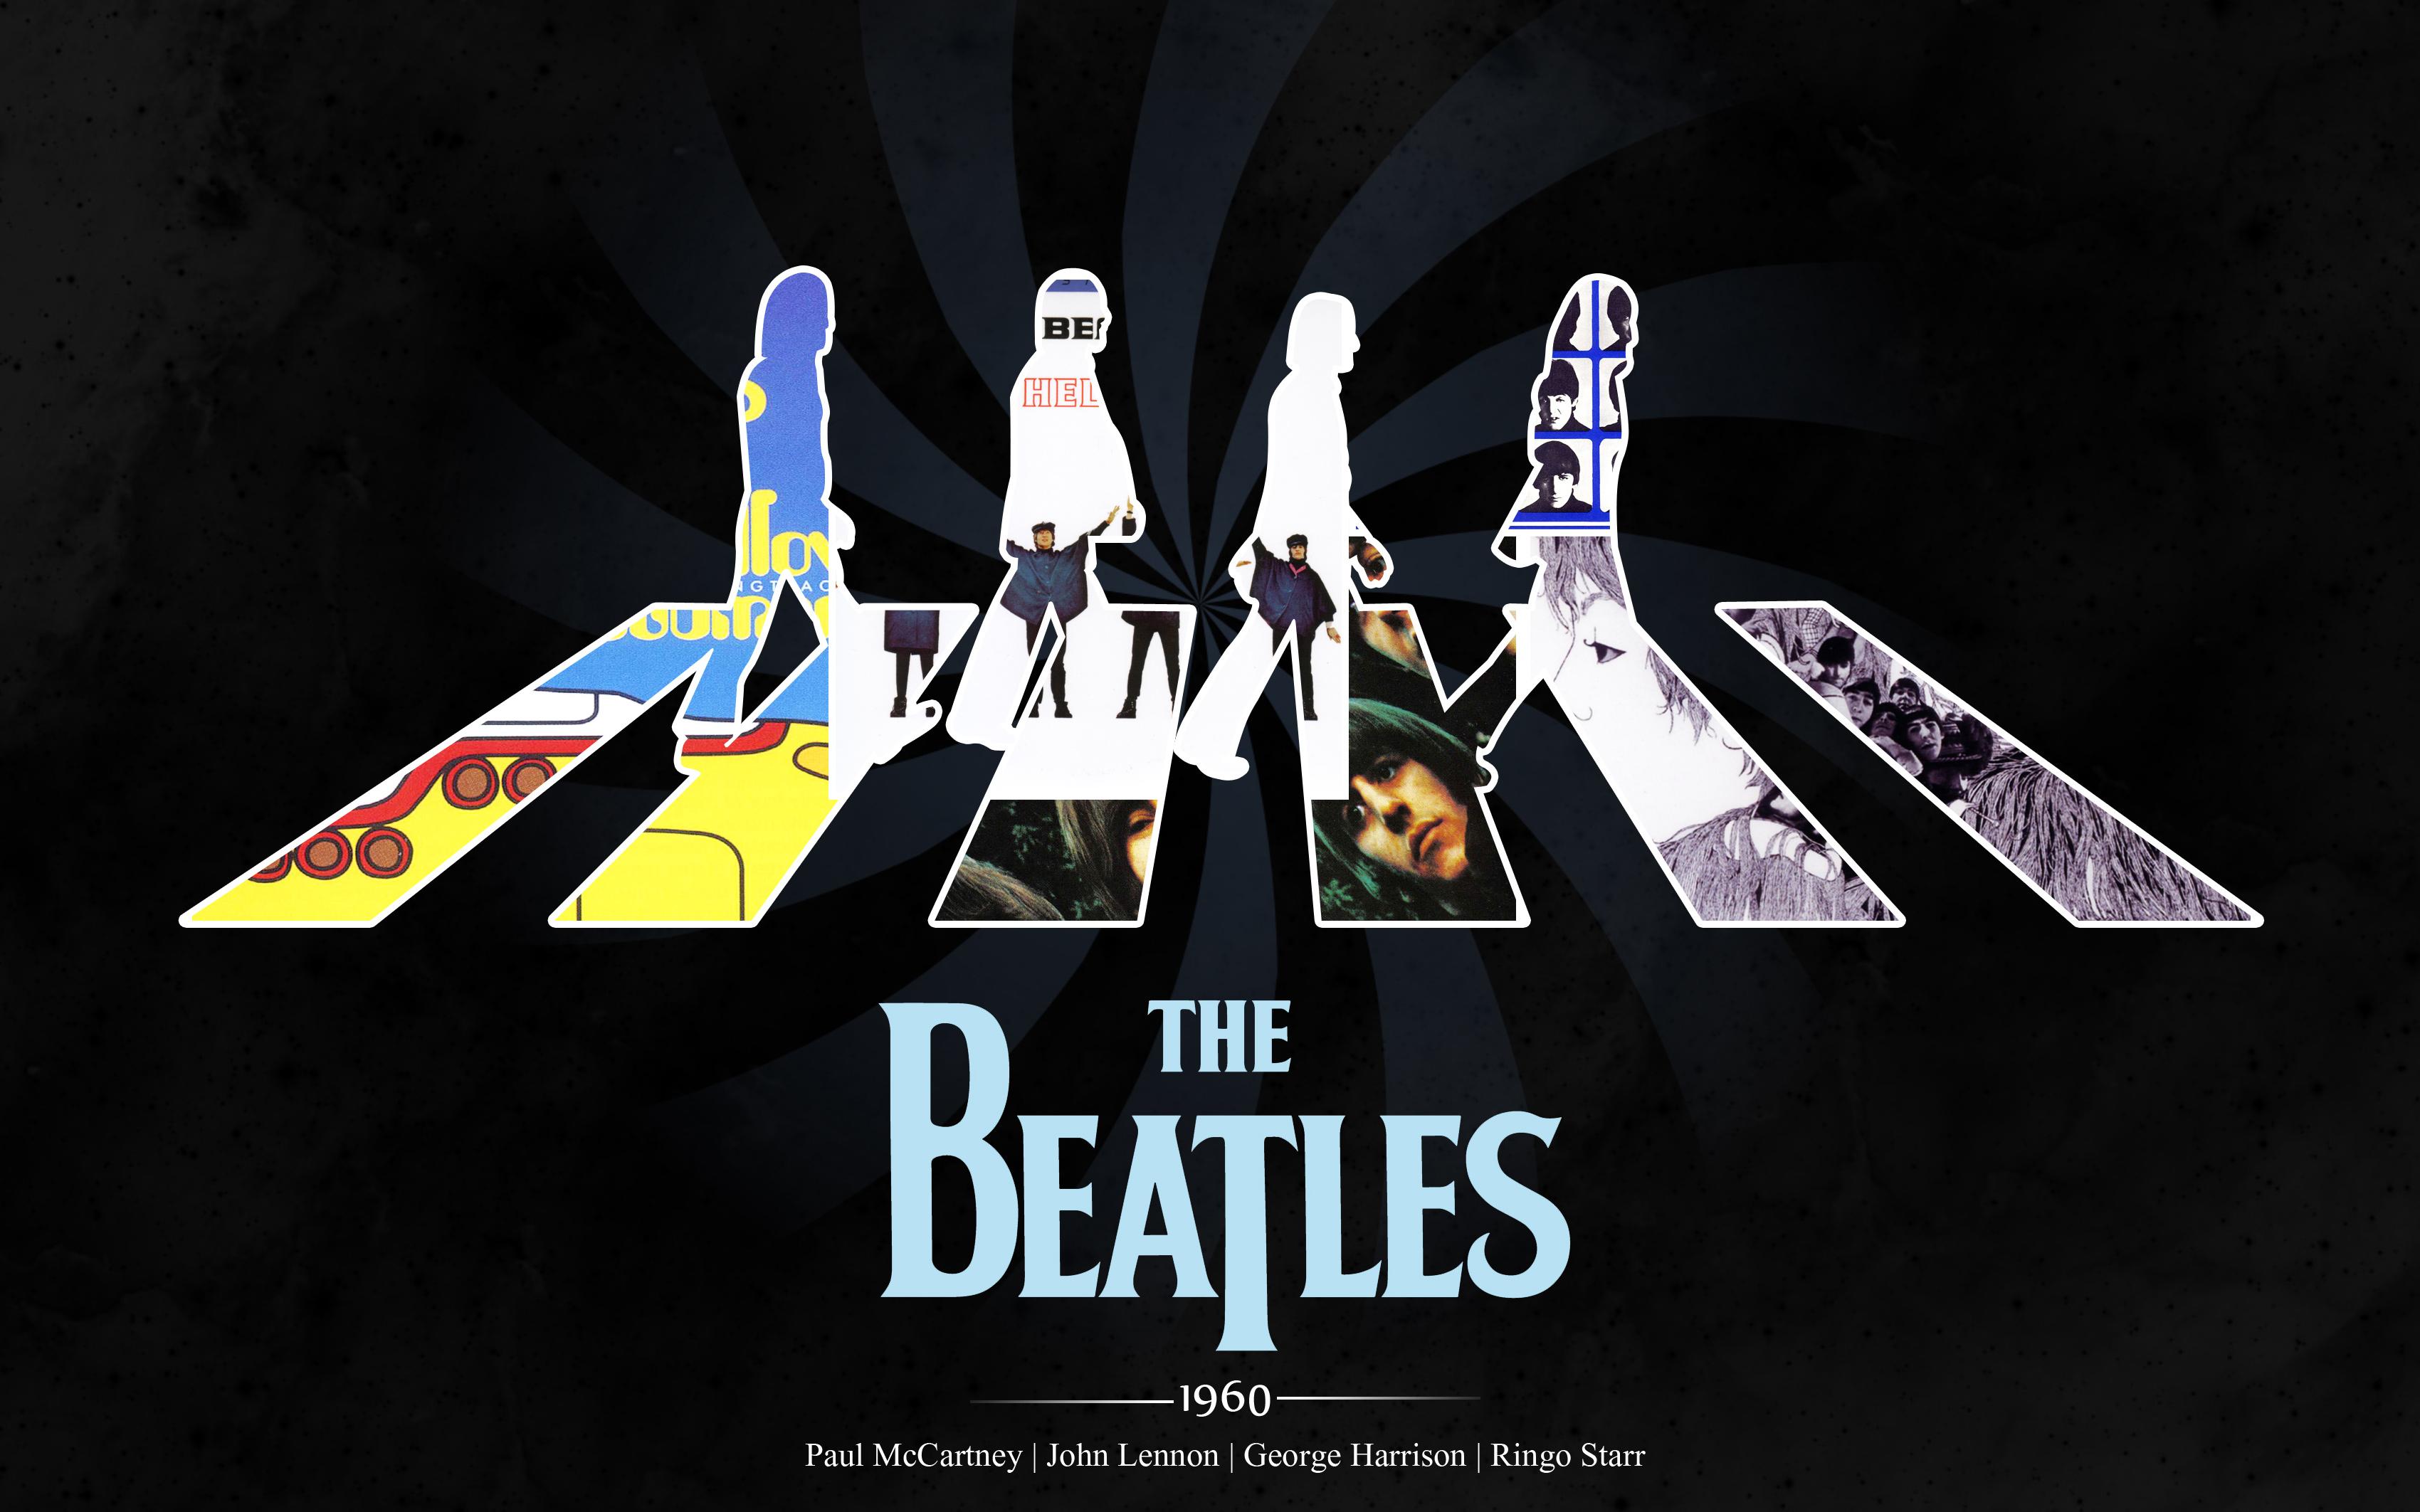 Wallpaper The Beatles 4K Guitars